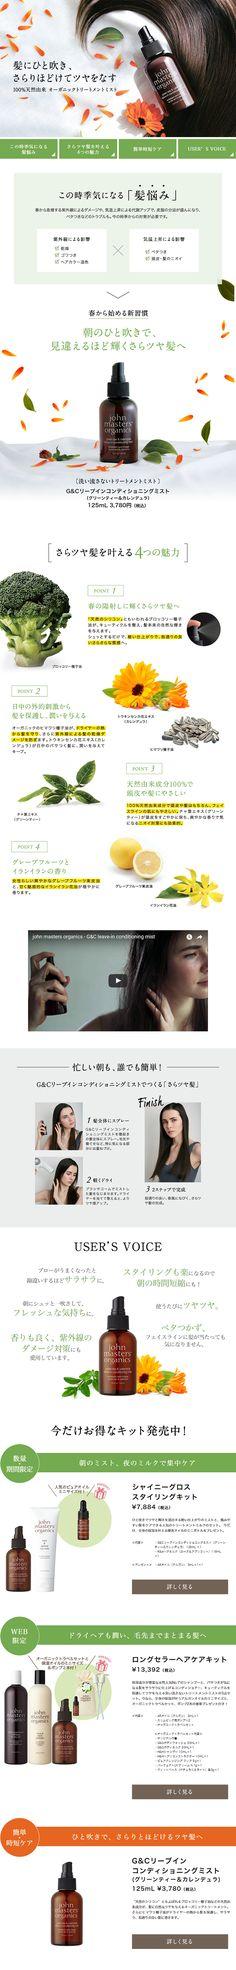 ランディングページ LP オーガニックトリートメントミスト|美容・スキンケア・香水|自社サイト